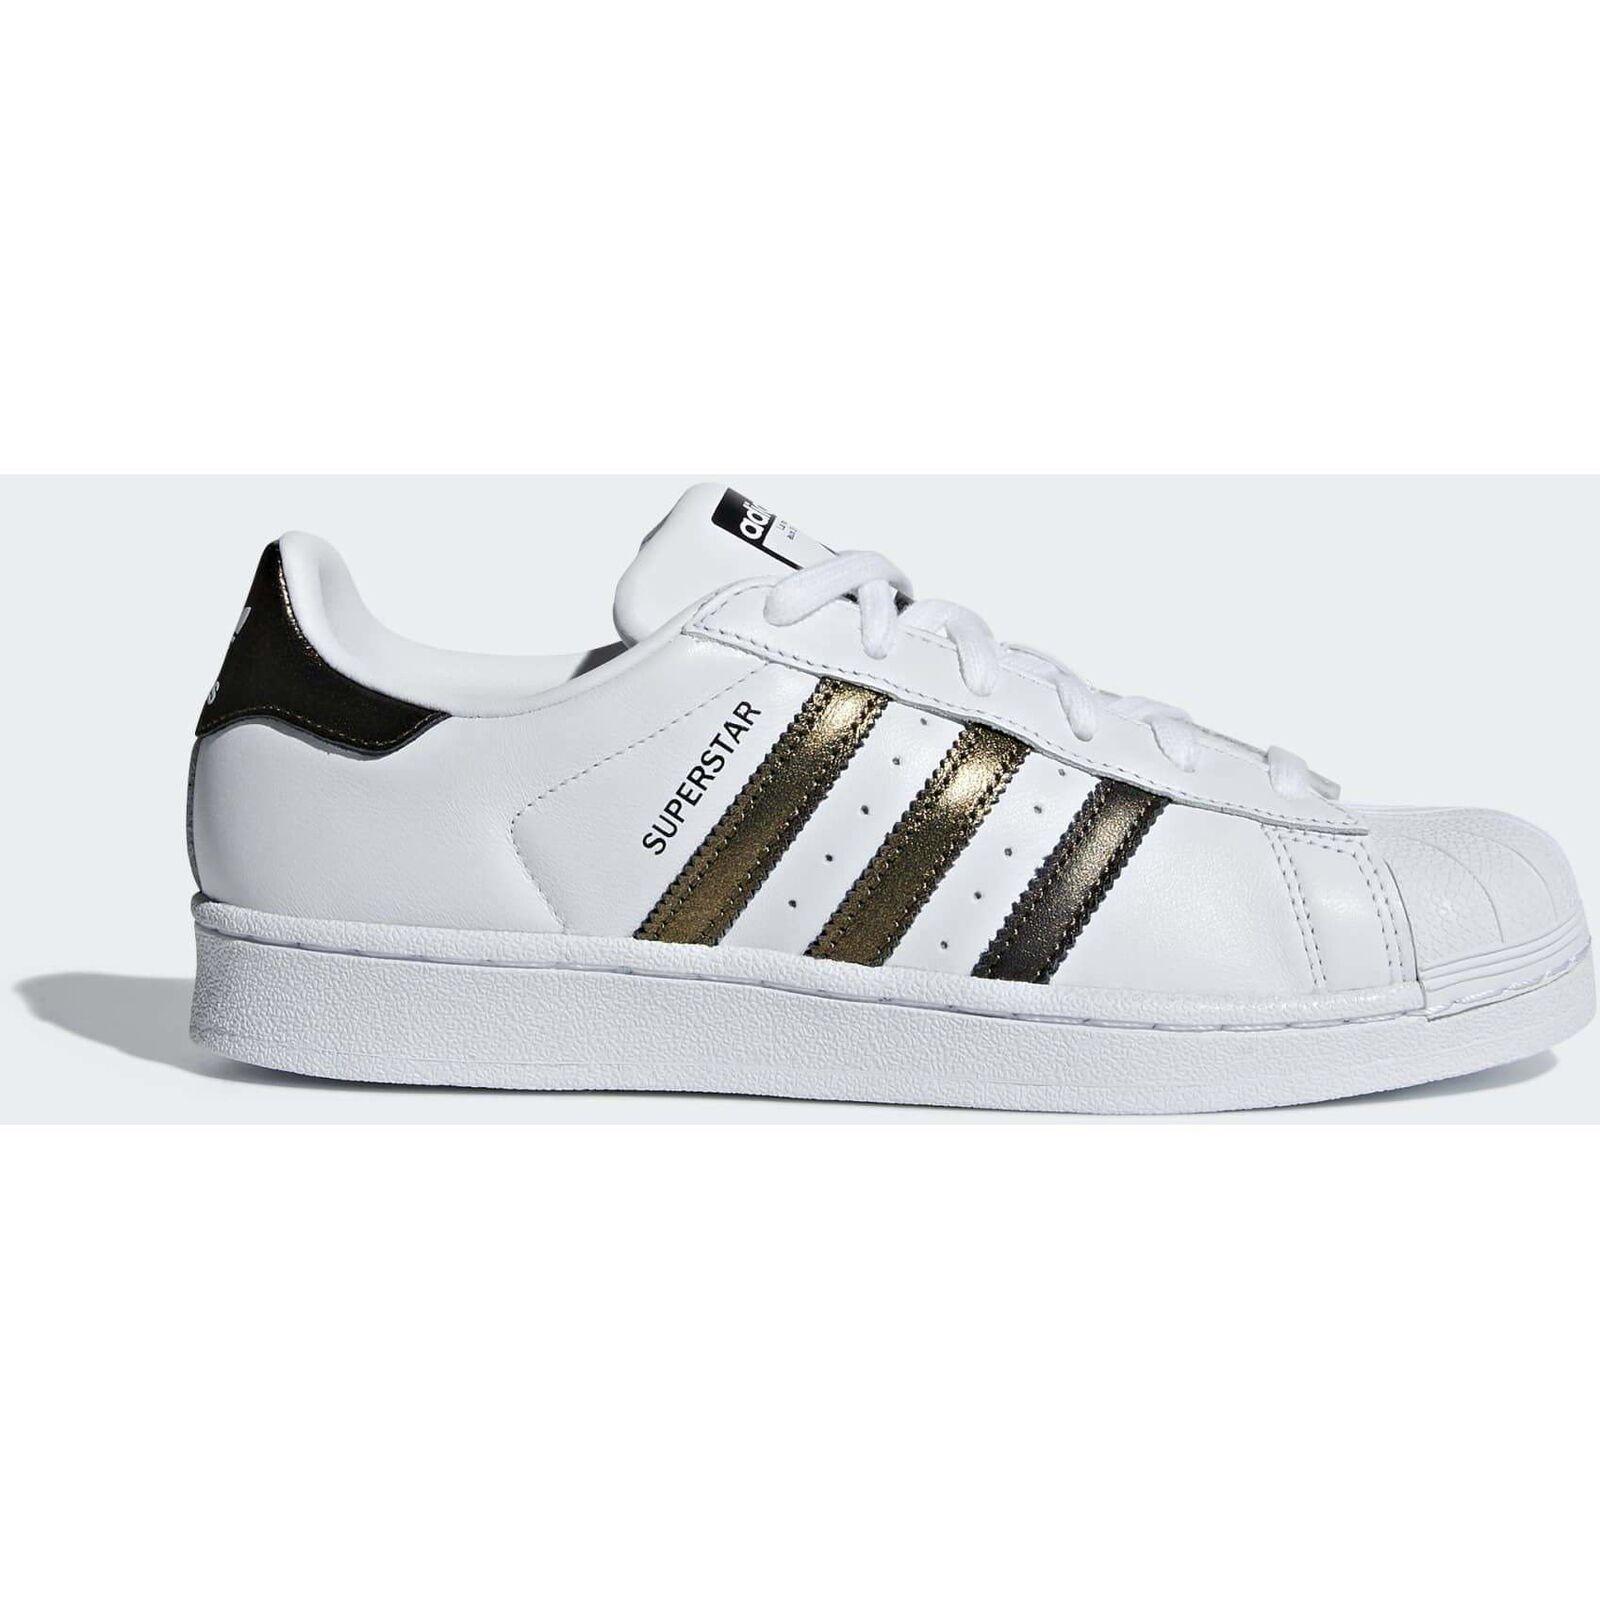 Adidas Originales women whiteas gold shoes SUPERESTRELLA Piel Con cordones